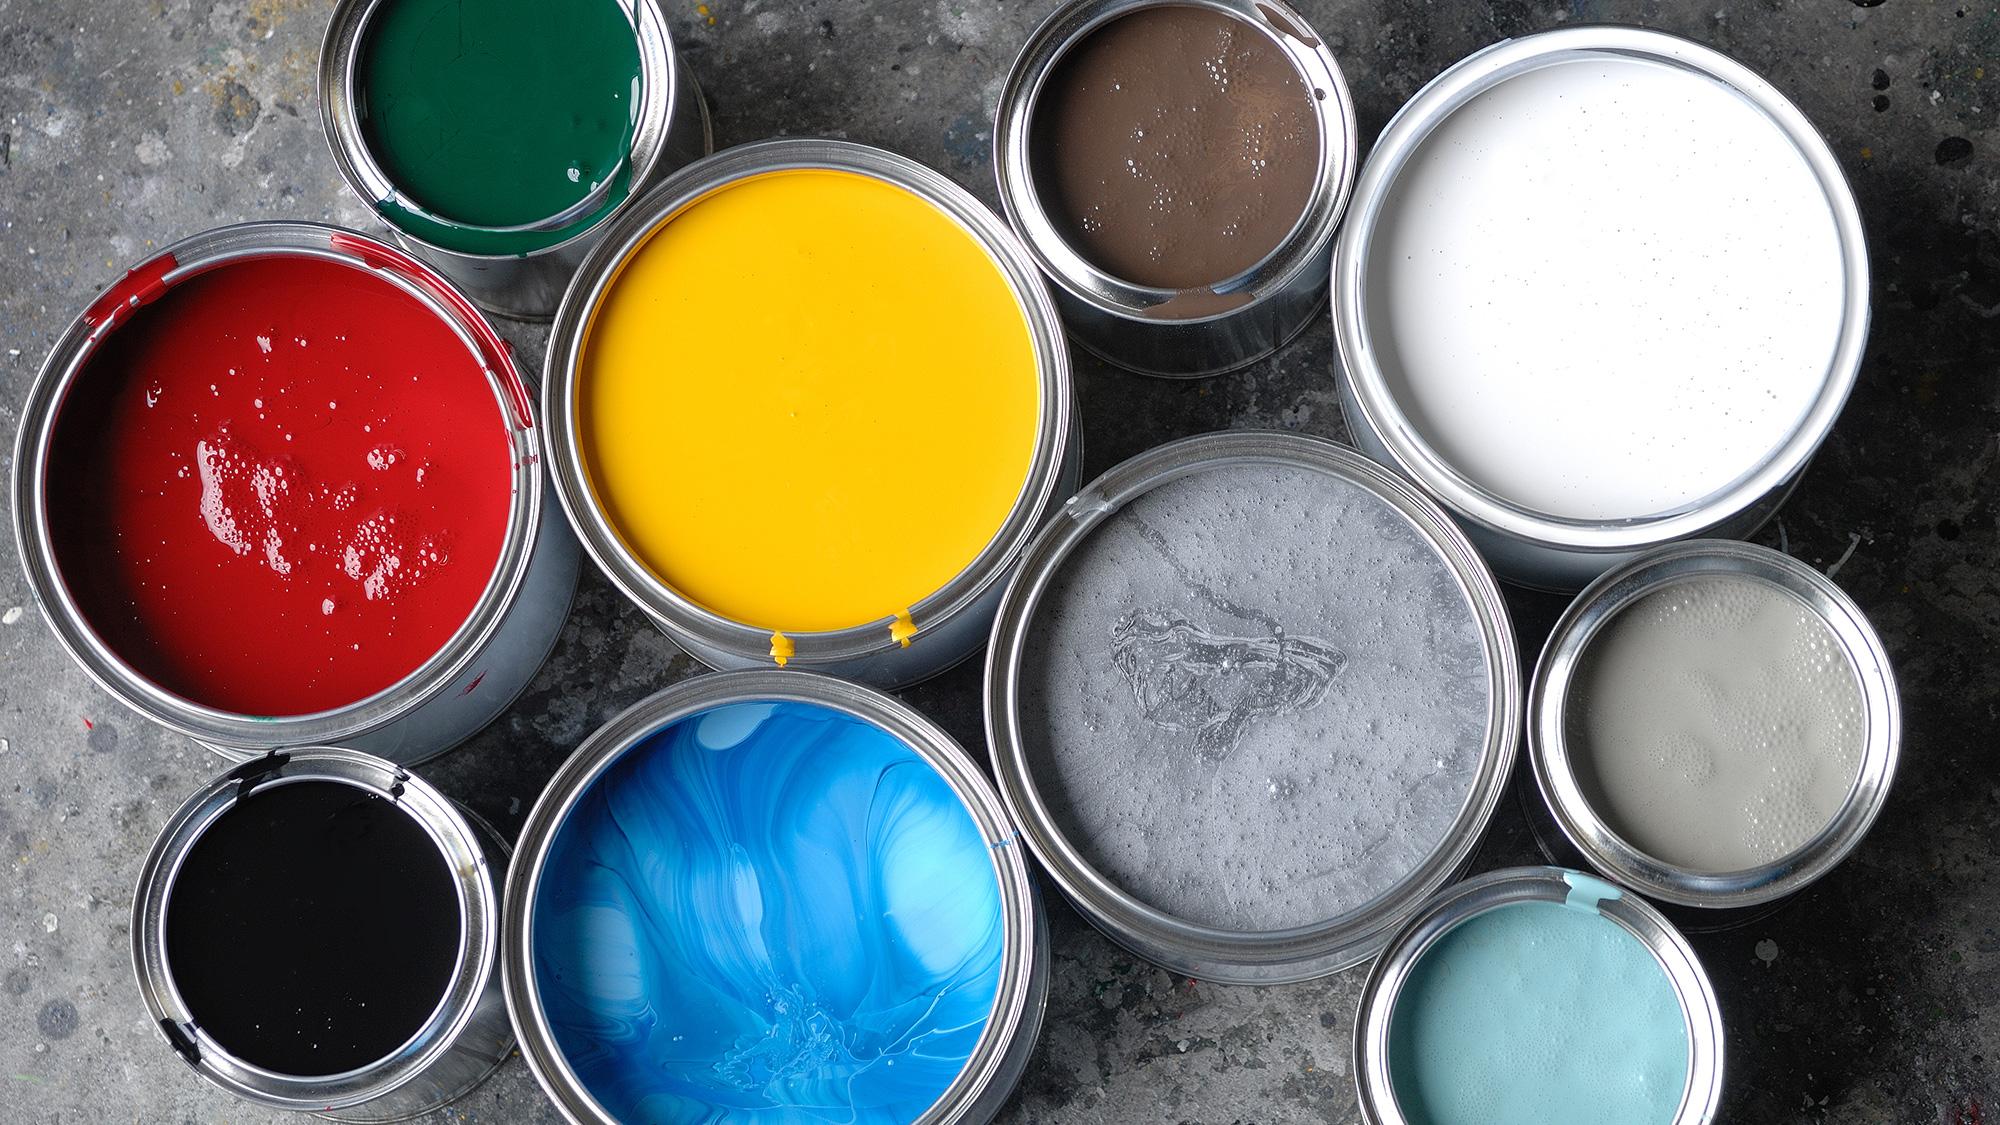 SUEZ tips paint